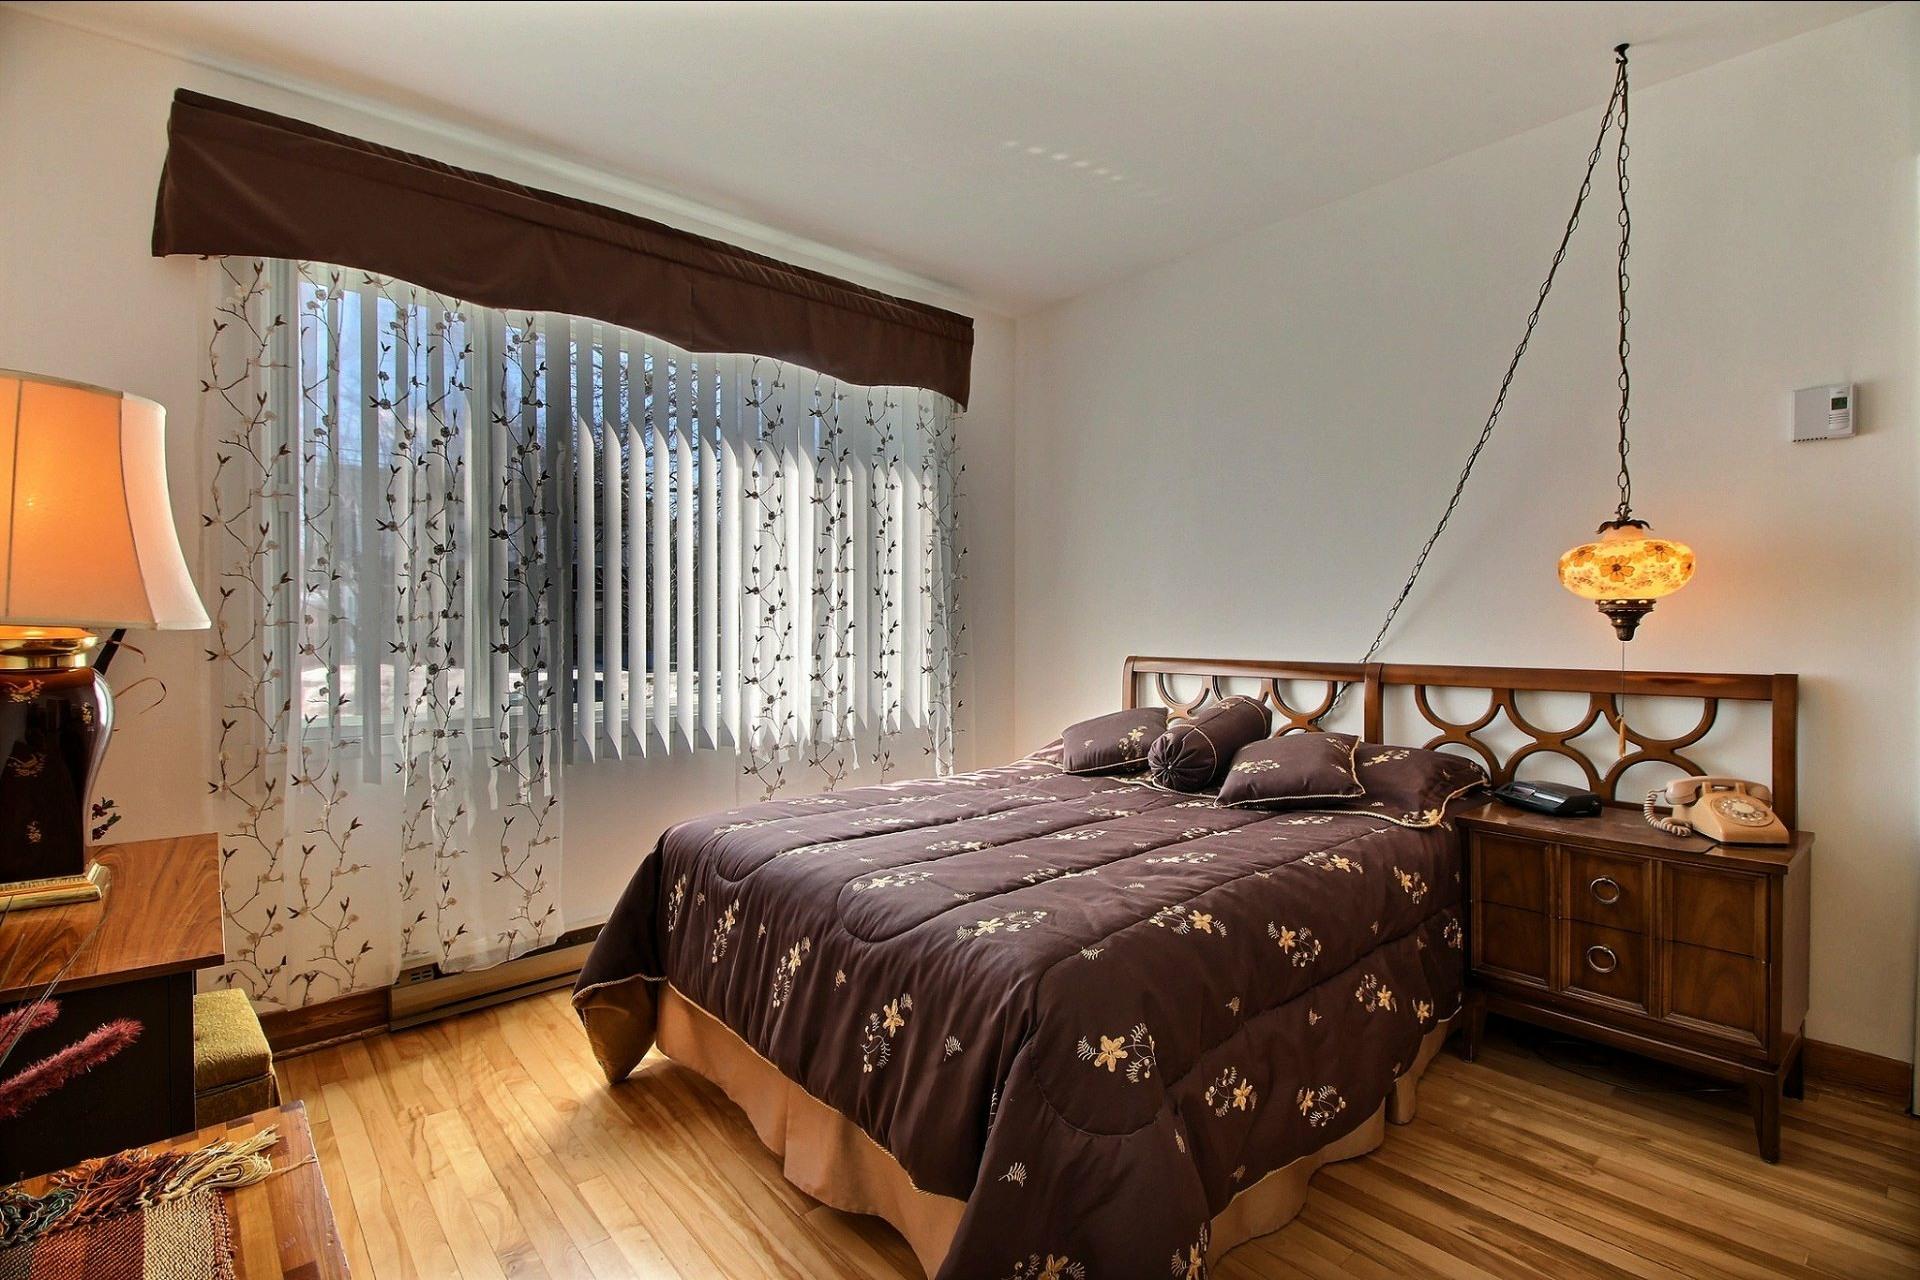 image 13 - Duplex For sale Montréal Rivière-des-Prairies/Pointe-aux-Trembles  - 6 rooms